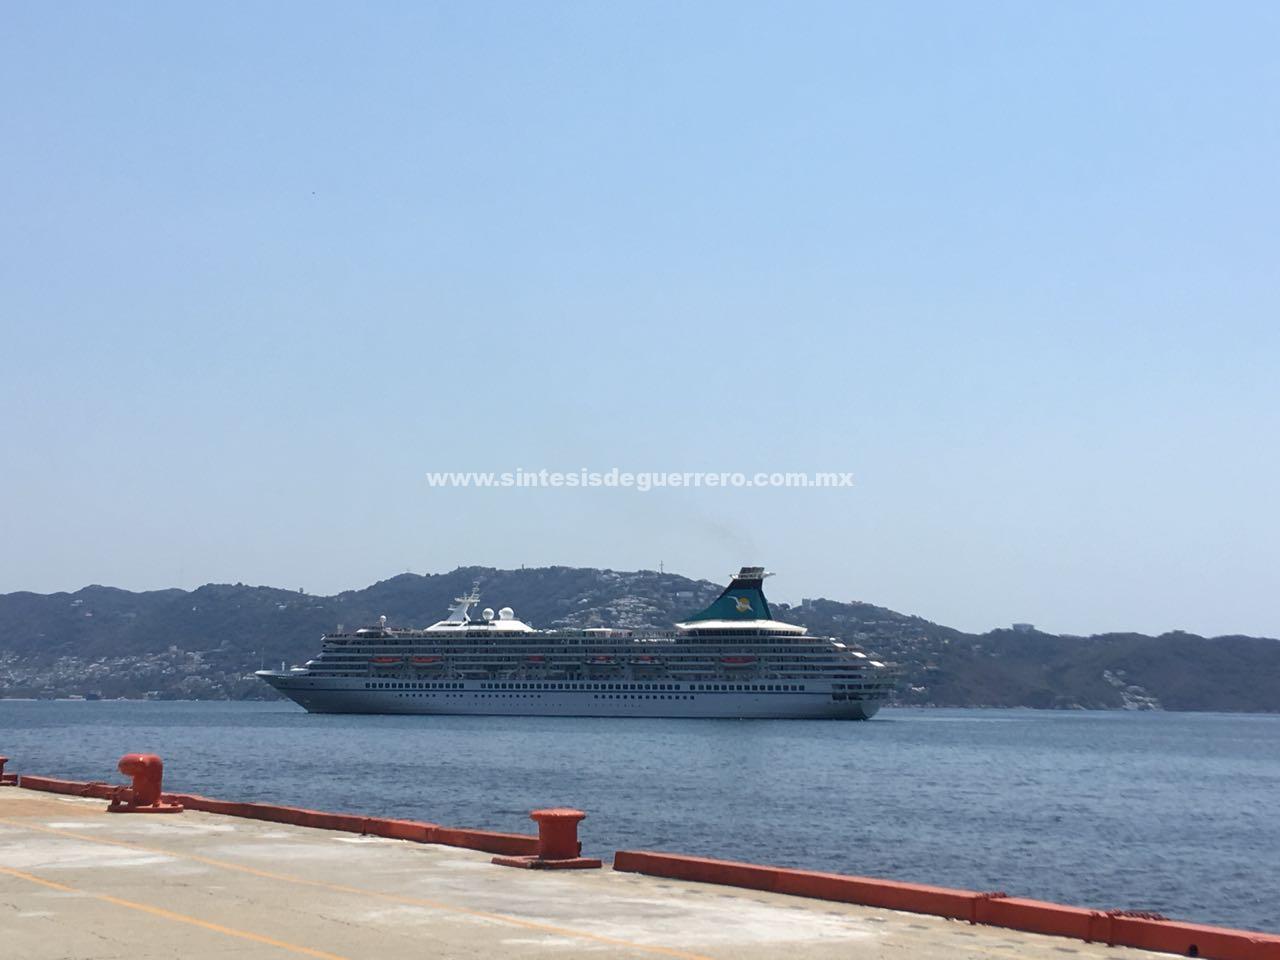 Arriba al puerto de Acapulco el crucero Artania